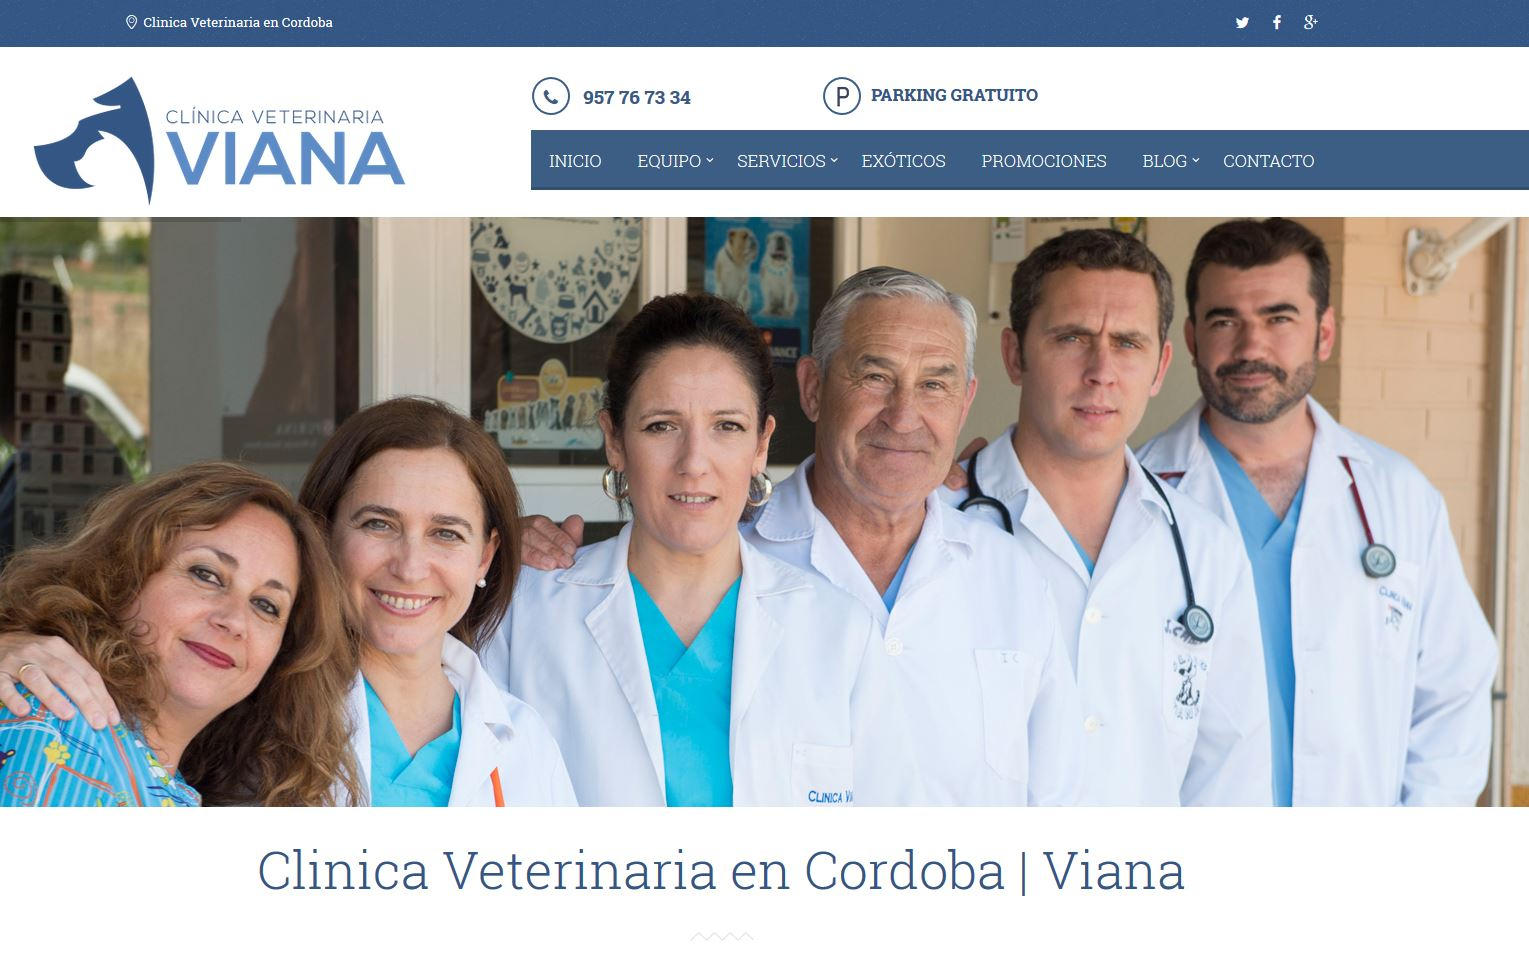 Clínica Veterinaria Viana - Dobuss